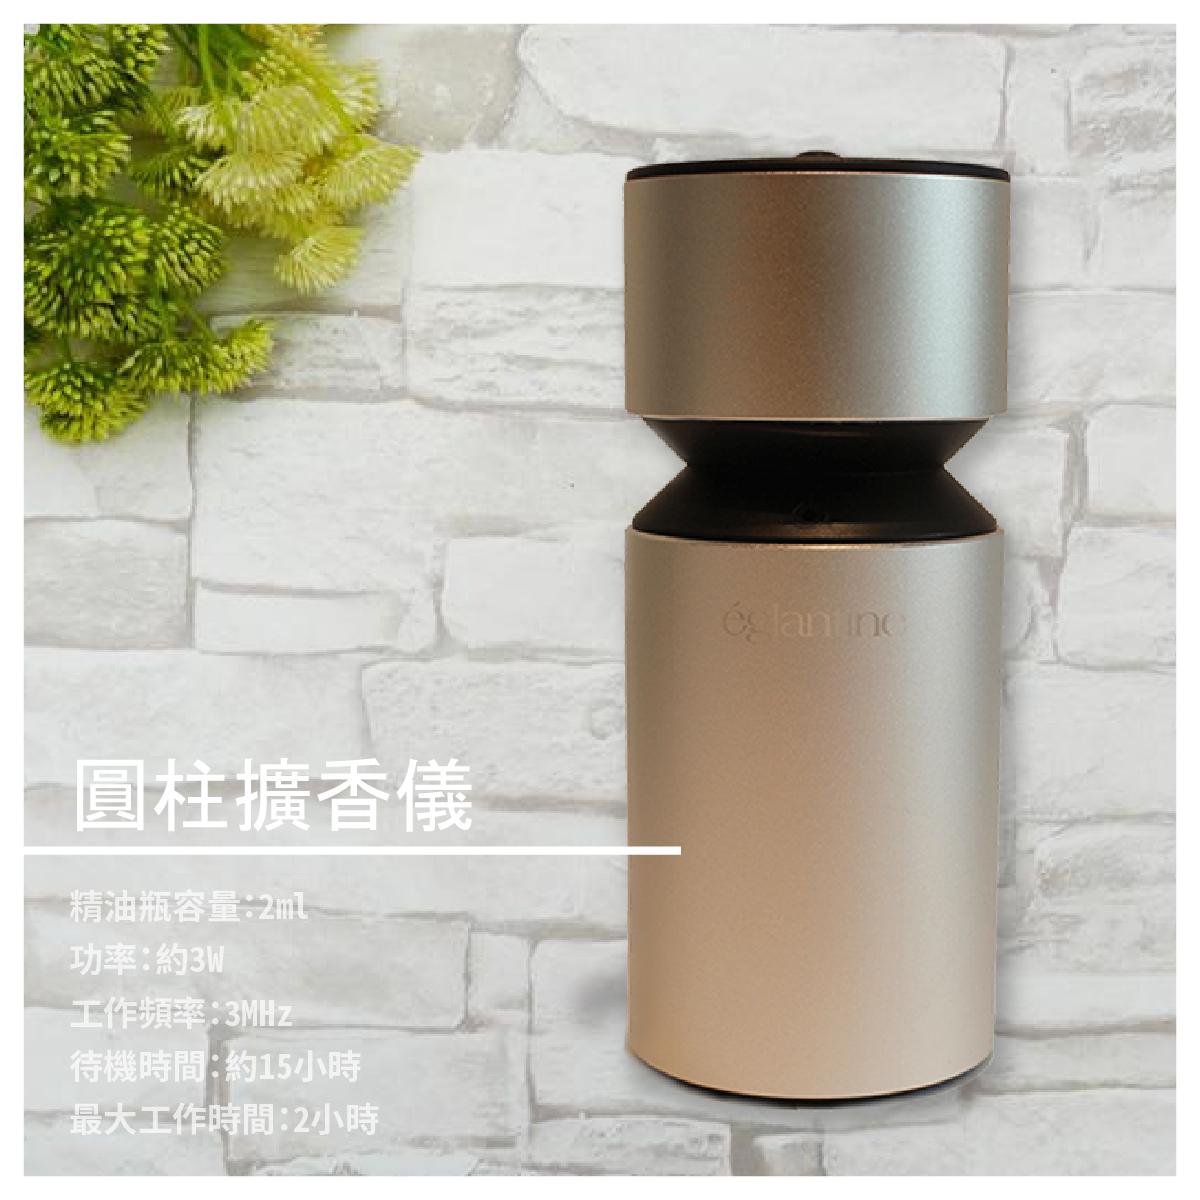 圓柱擴香儀 商品介紹 質感生活,不只是傢俱、燈光、音樂,氣味也是關鍵。 ,用精油療癒身心,美好生活就是如此簡單 商品規格 精油瓶容量:2ml 材質:PP/玻璃鋁合金/ 功率:約3W 工作頻率:3MHz